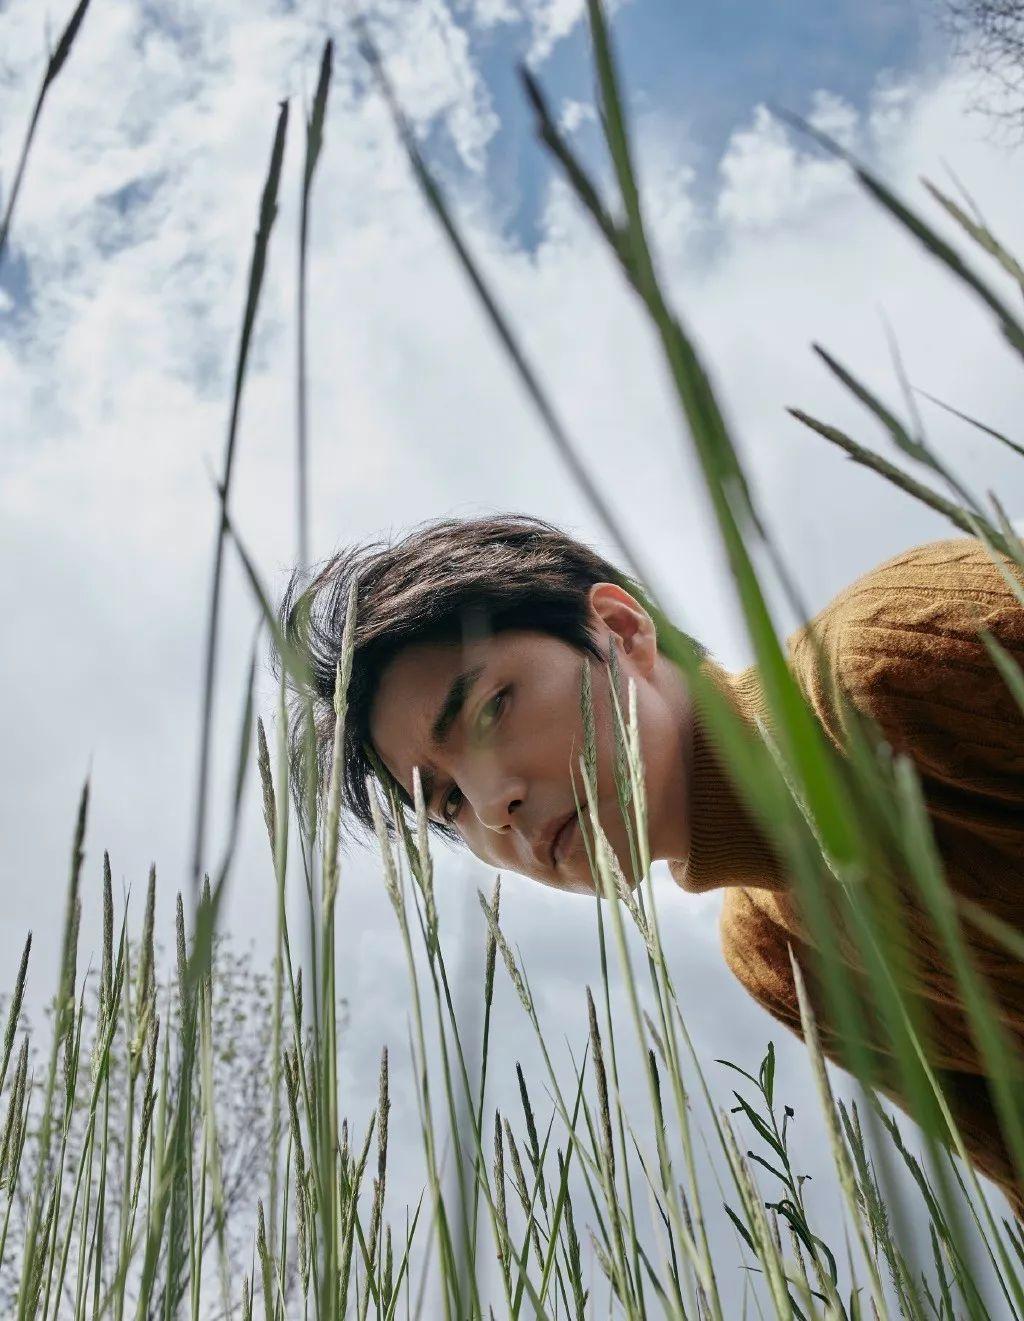 关于毒贩的韩国电影,韩国那些性教育电影有哪些,韩国电影奇怪的美发沙龙中文字幕下载